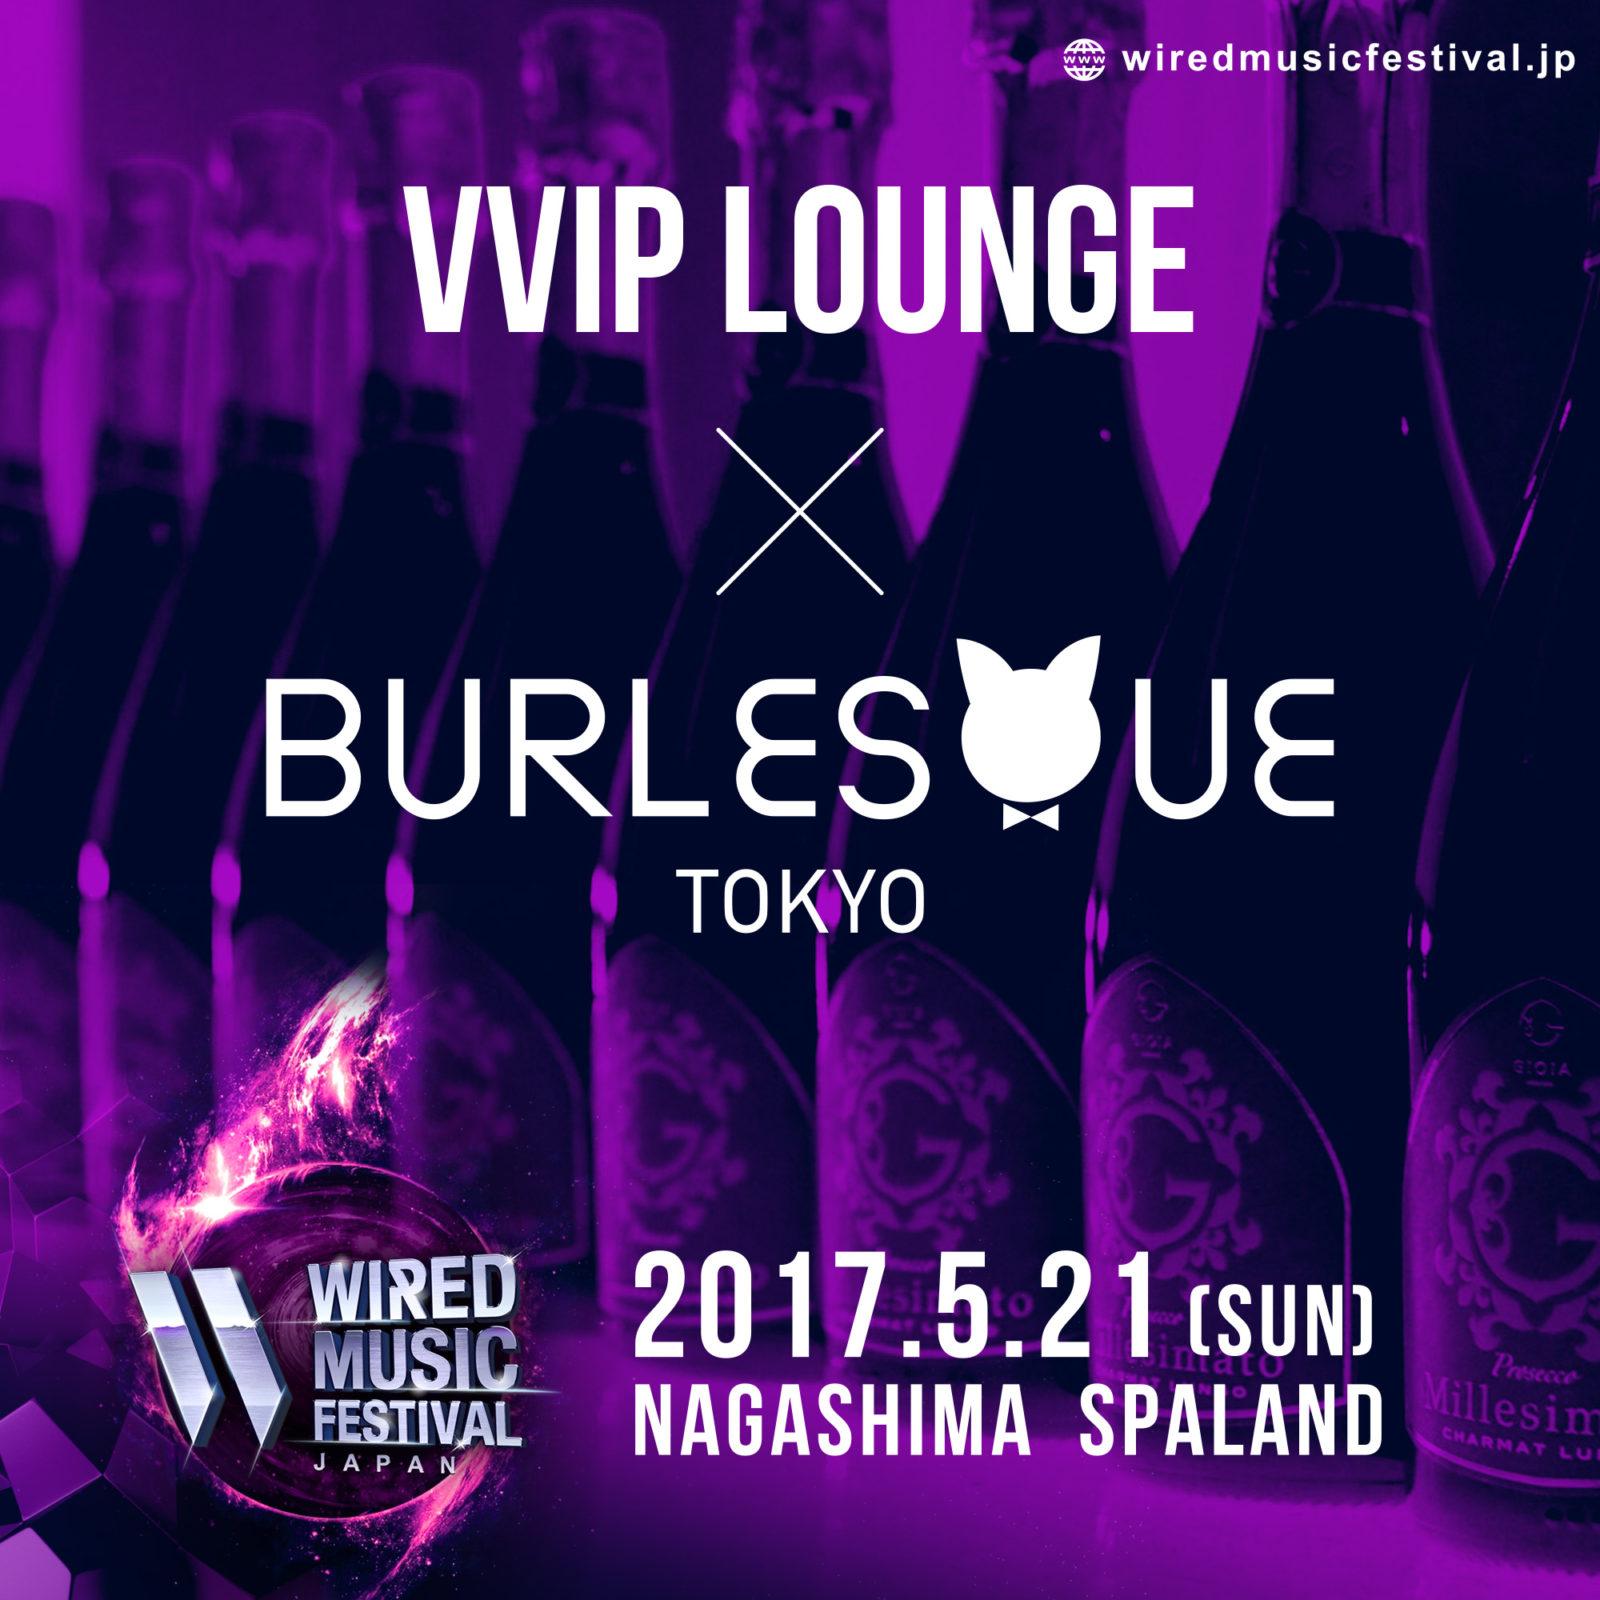 HARDWELL、Wiz Khalifaらの出演で話題!「WIRED MUSIC FESTIVAL'17」でBURLES QUE  TOKYOがフューチャーサムネイル画像